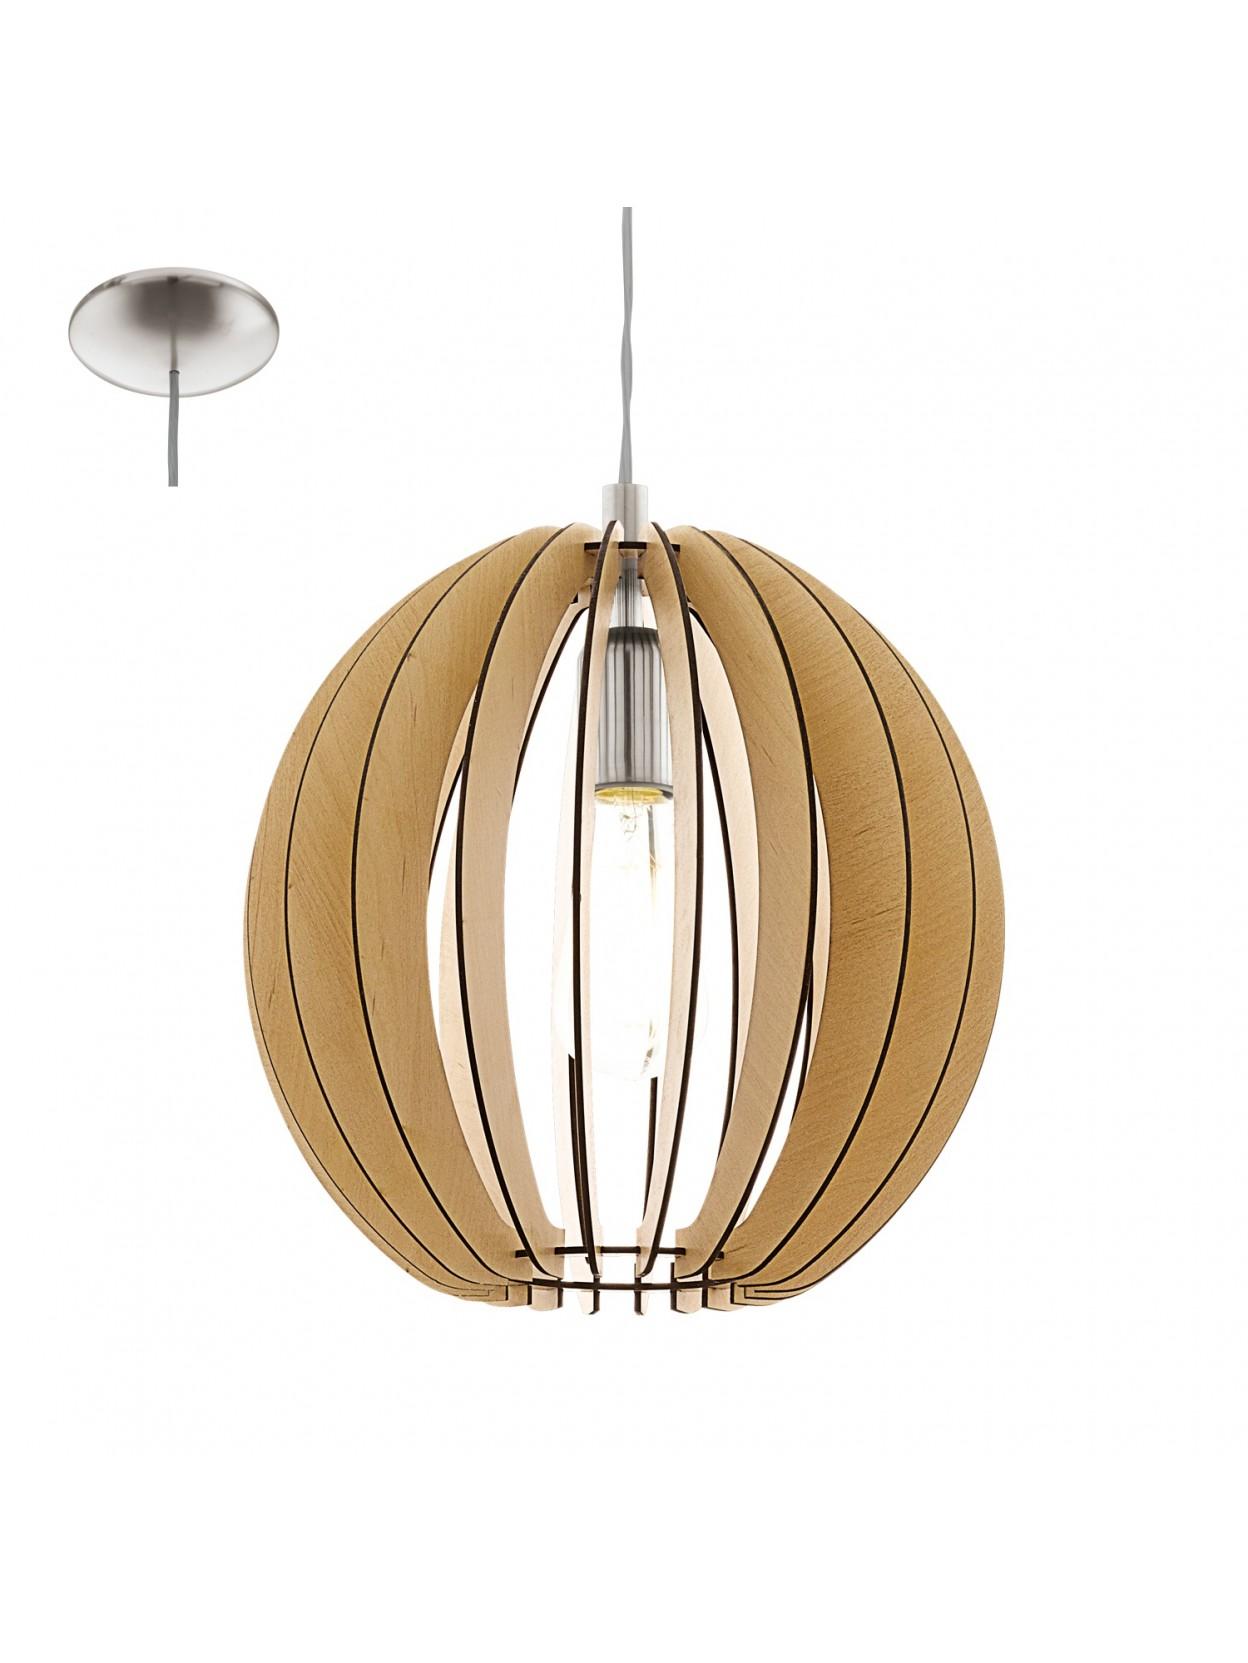 Lampadario in legno moderno 1 luce glo 94764 cossano for Lampadario legno moderno